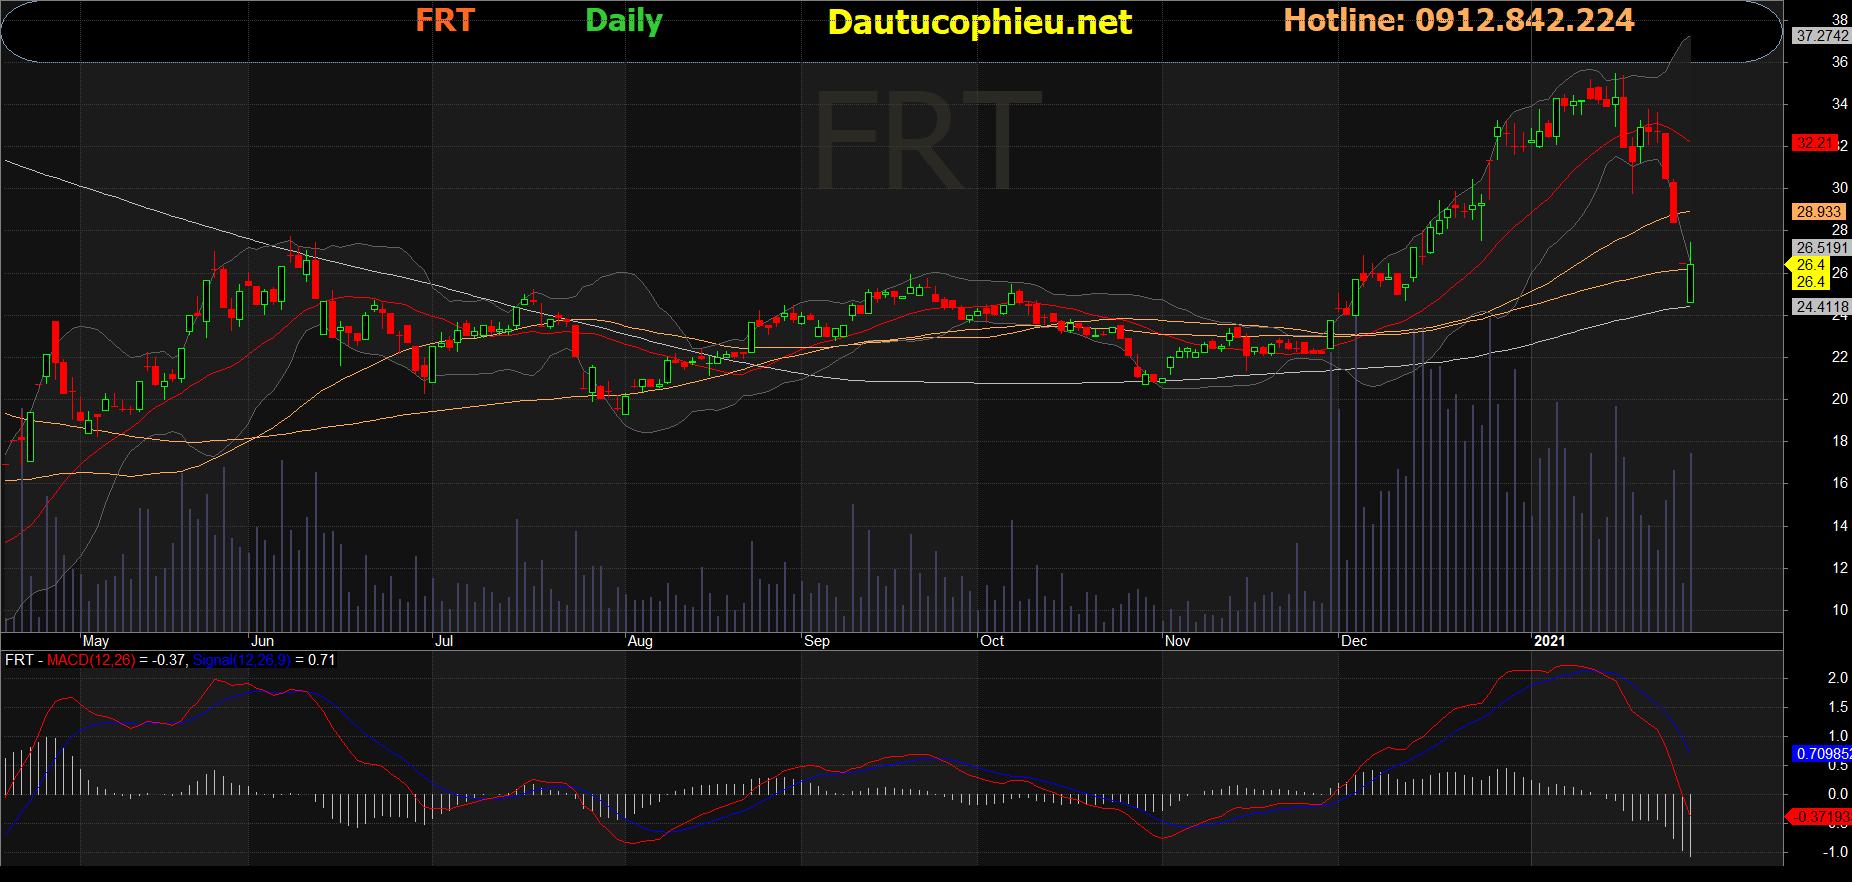 Cổ phiếu FRT